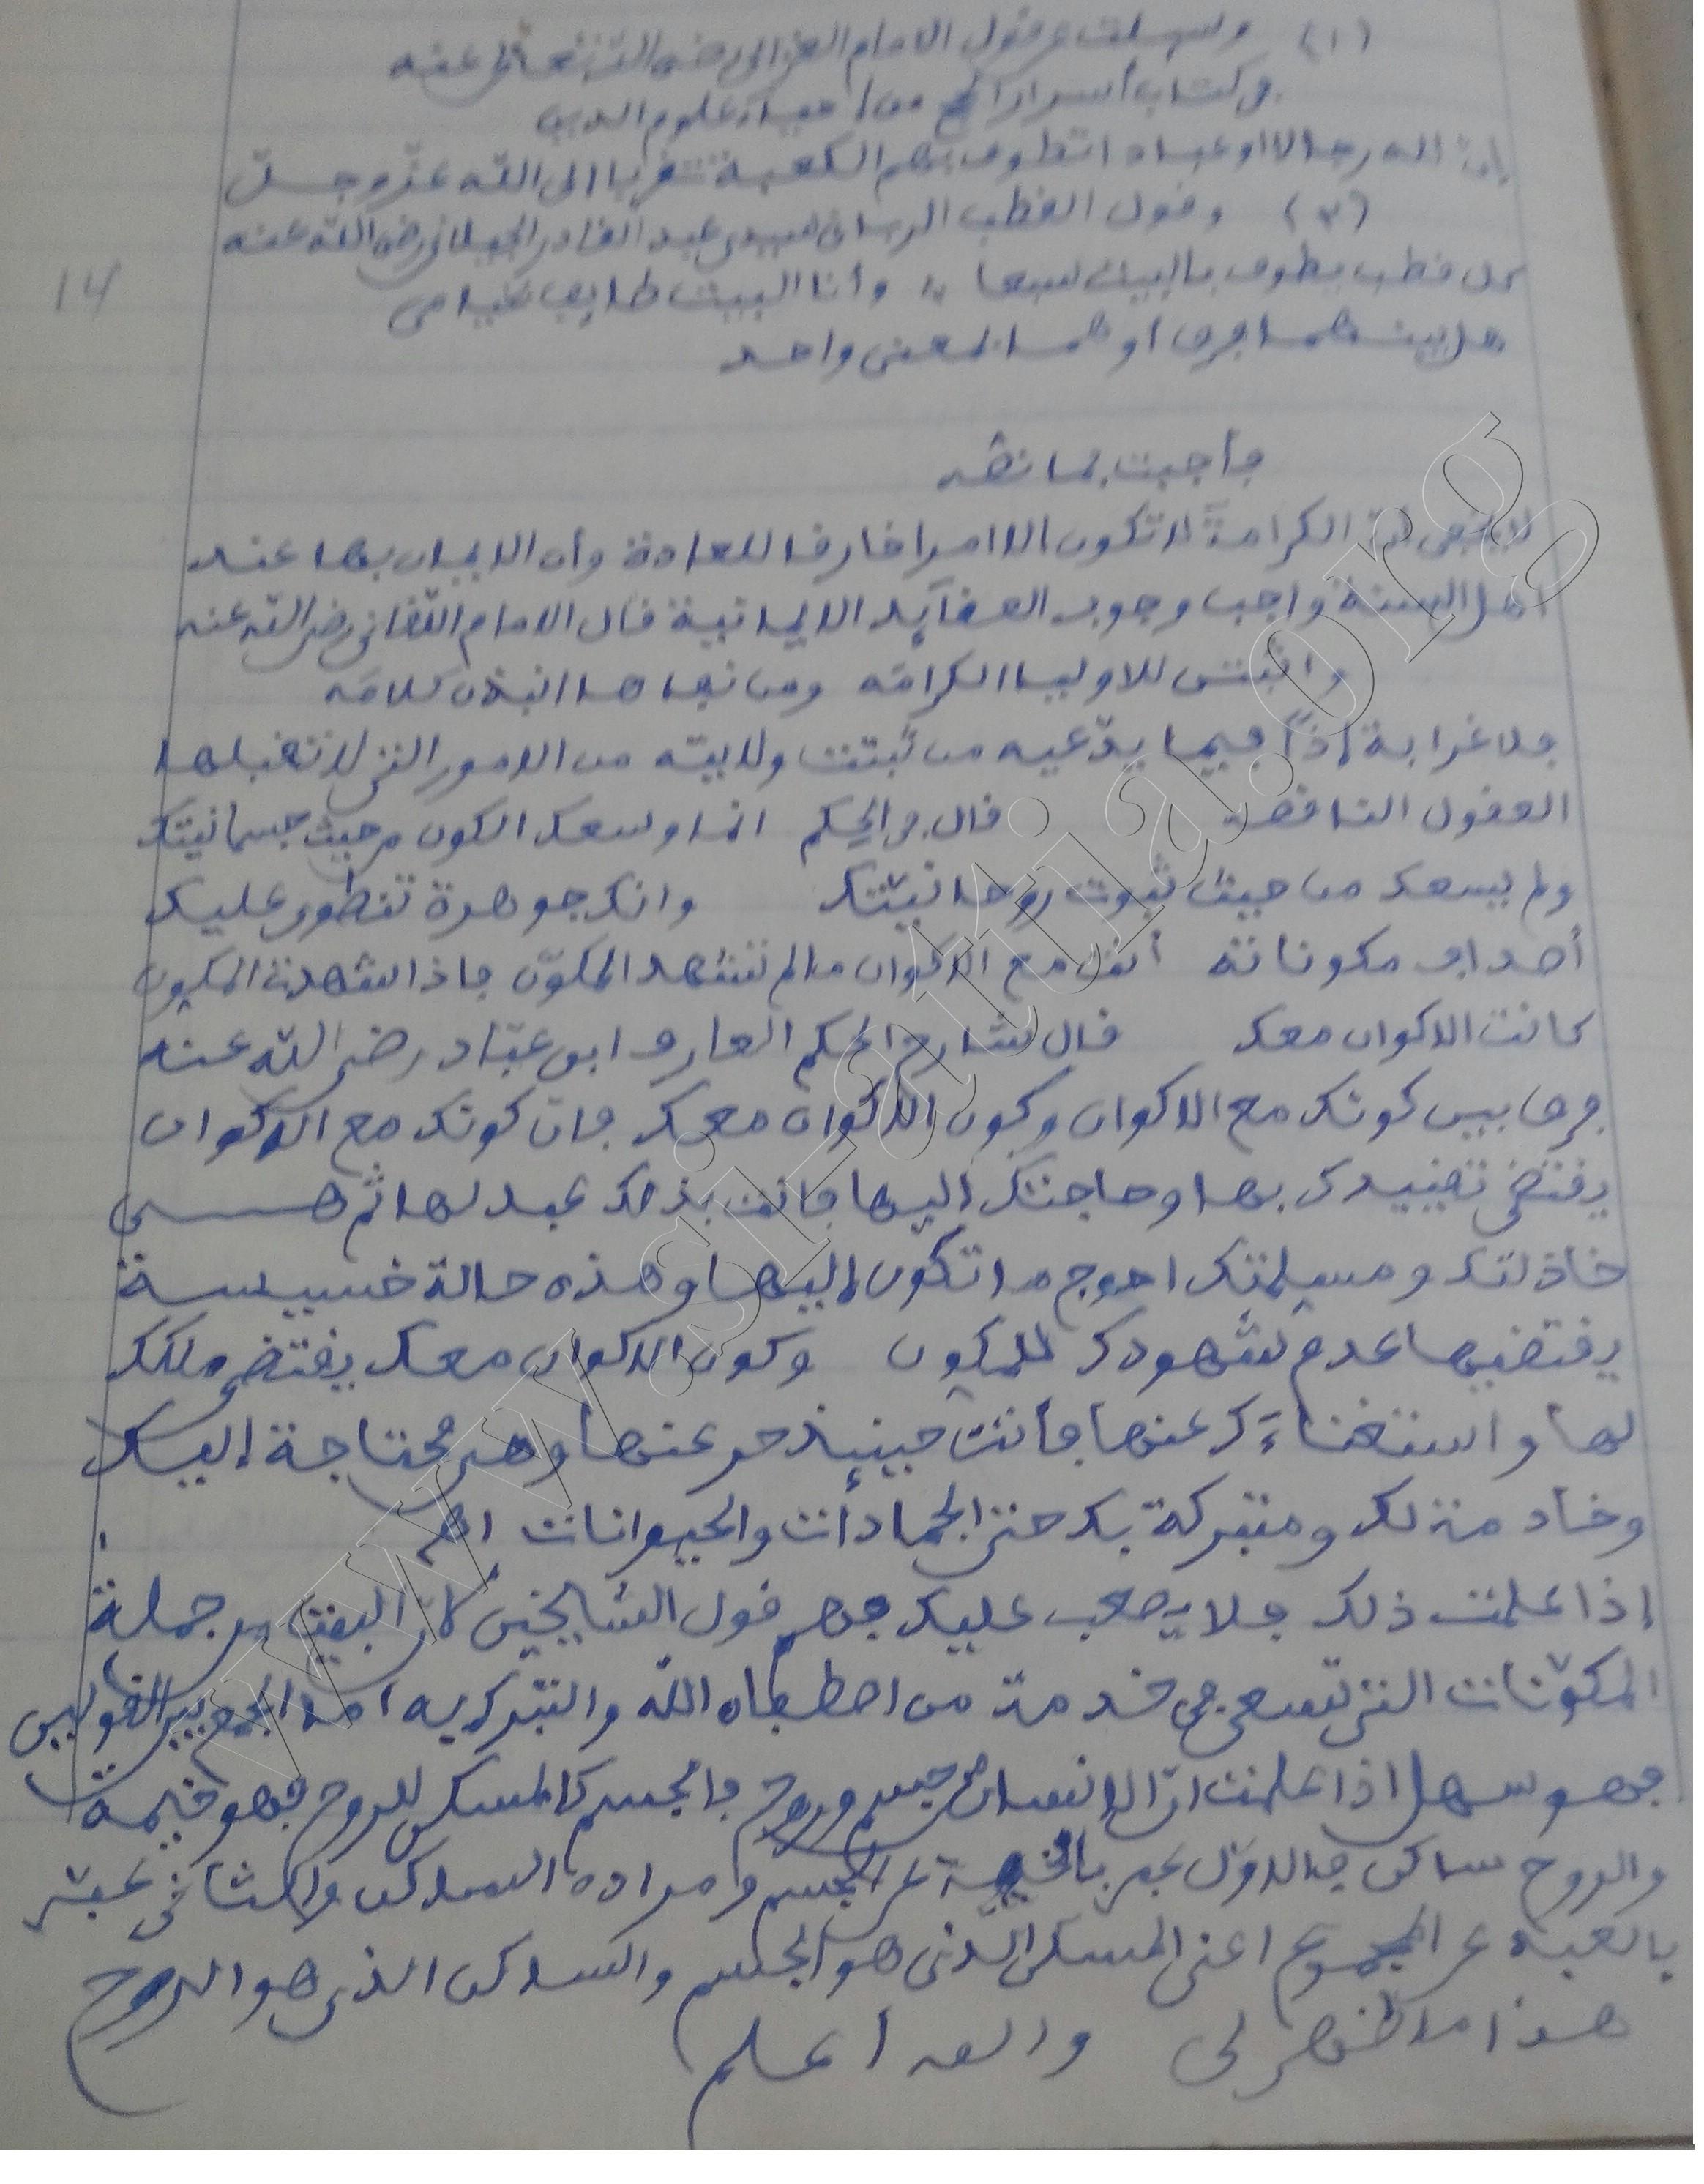 مما قاله الشيخ سي عطية مسعودي عن كرامة الأولياء